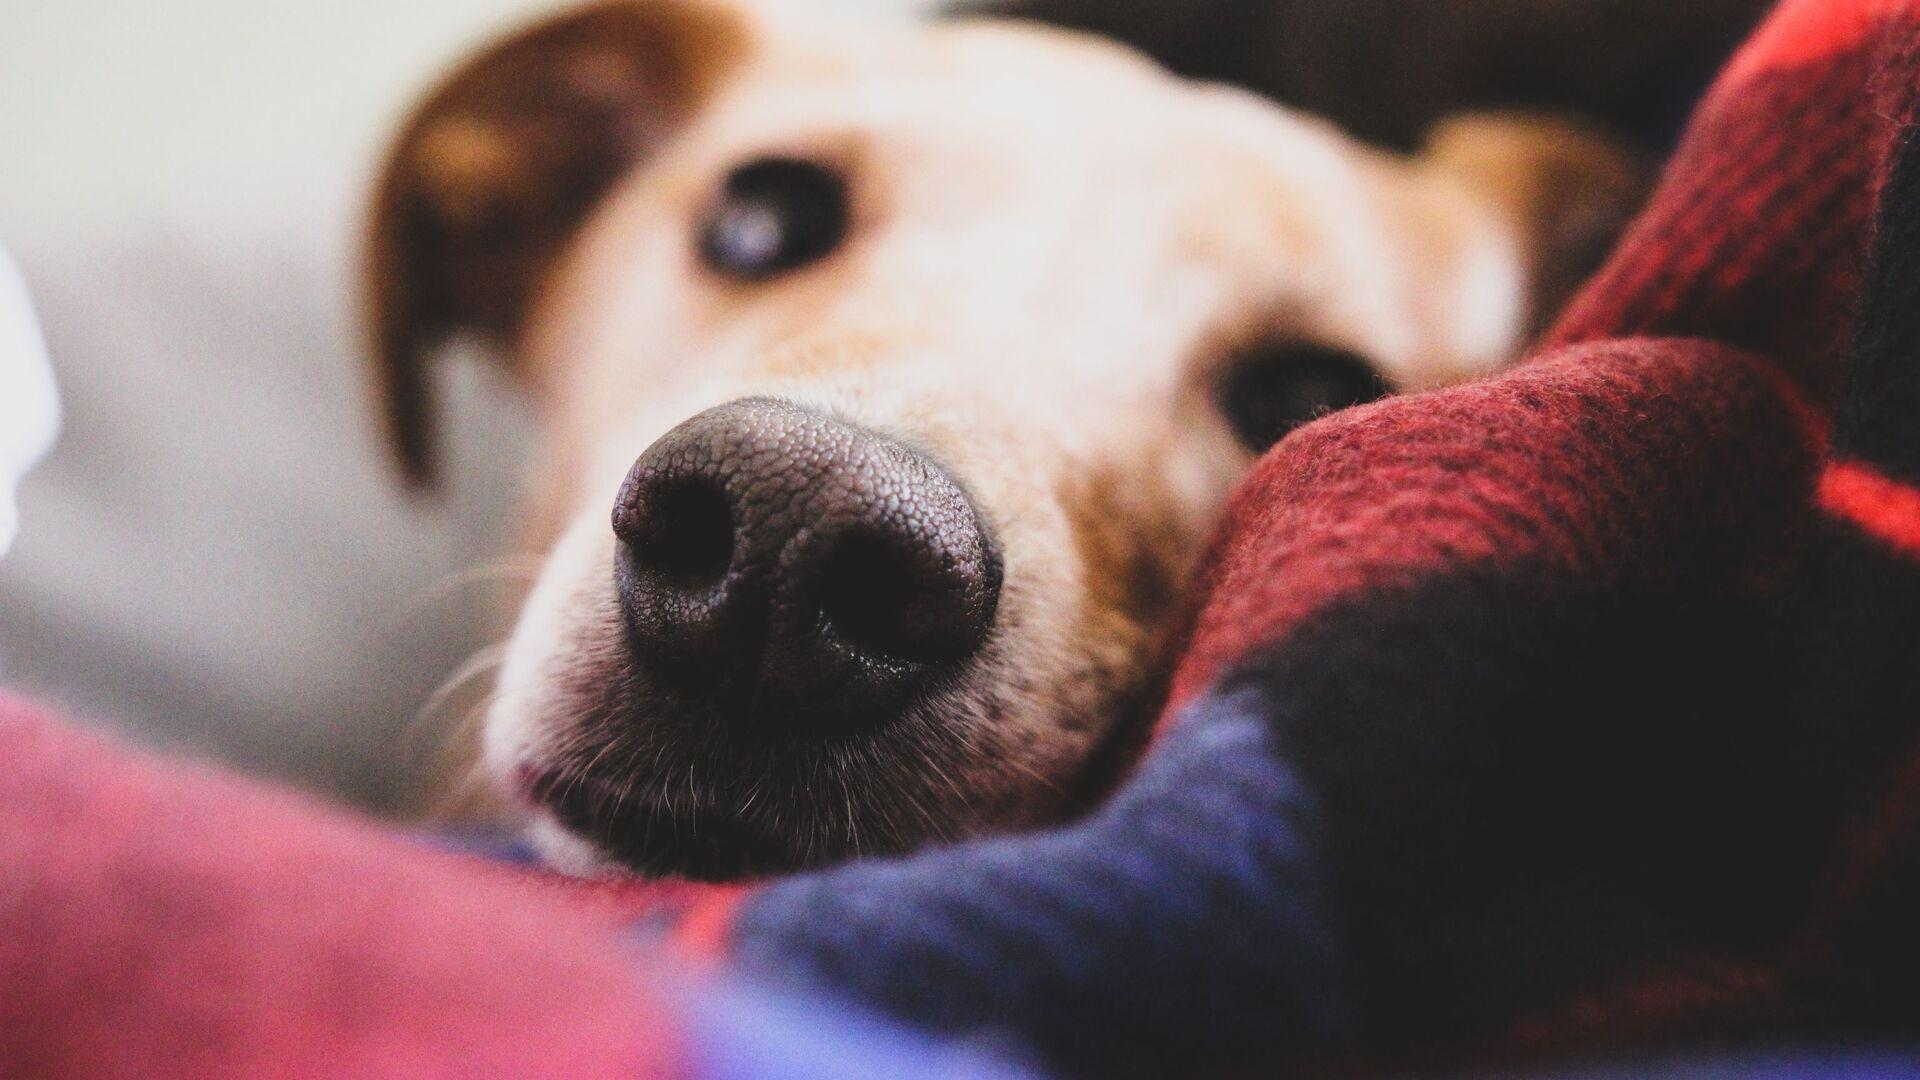 La nariz de un perro (imagen referencial) - Sputnik Mundo, 1920, 08.02.2021